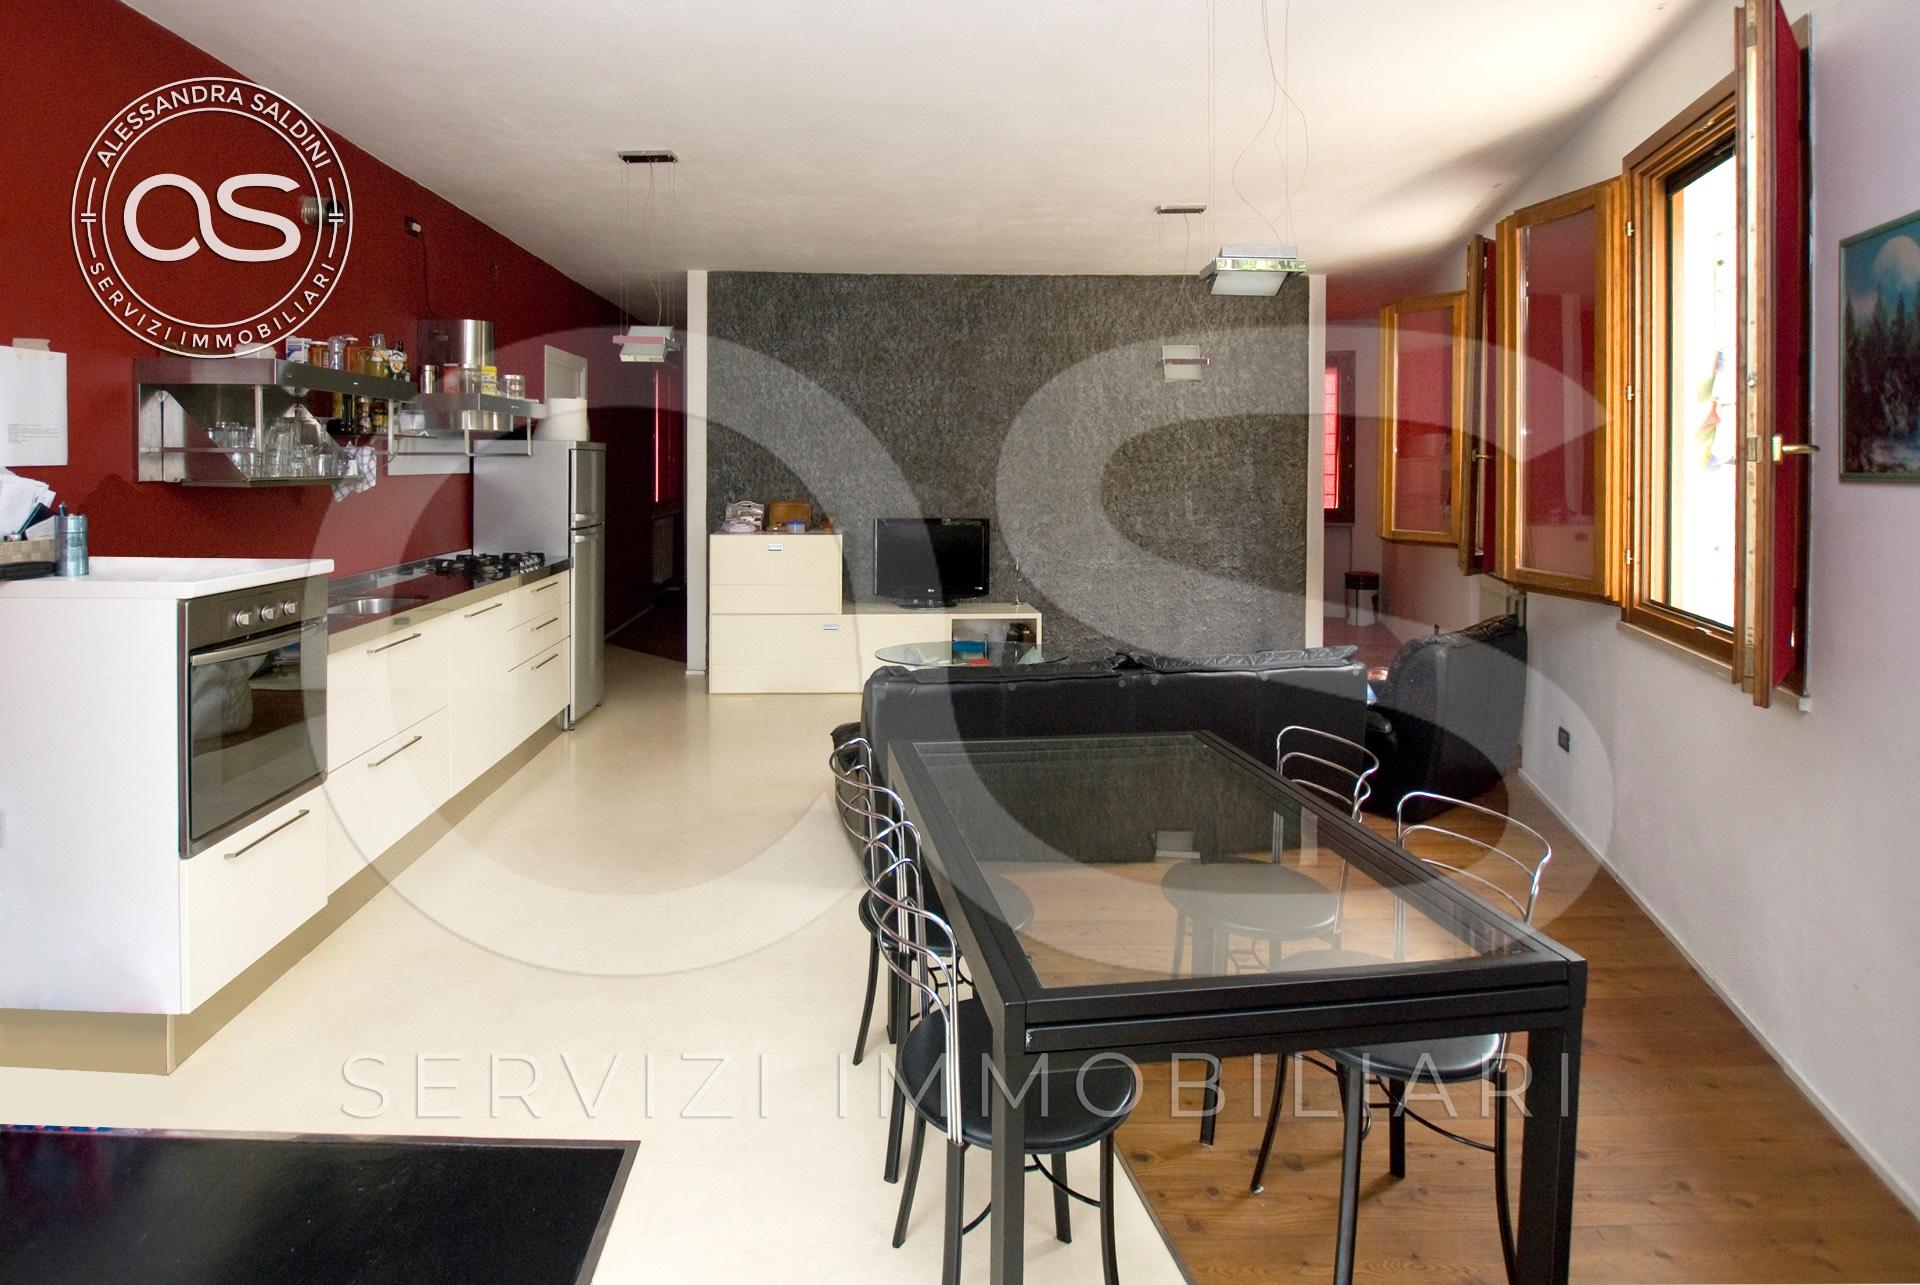 Appartamento in vendita a Manerbio, 3 locali, prezzo € 130.000 | CambioCasa.it